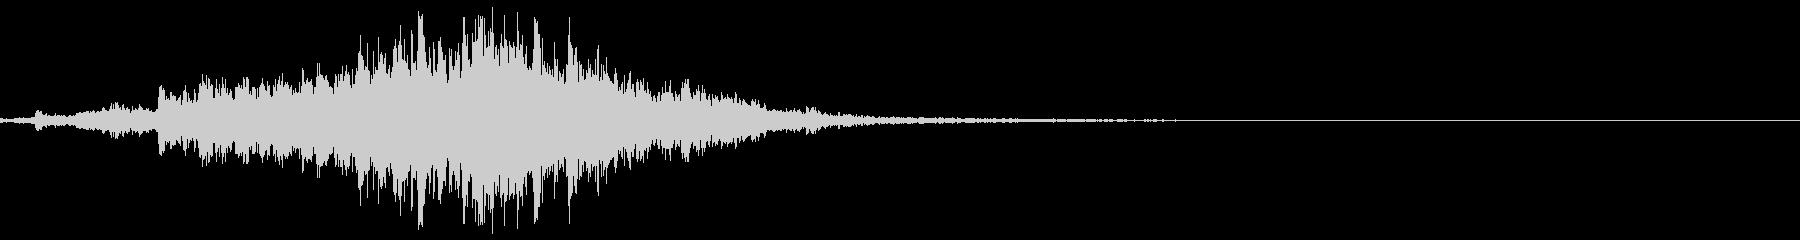 シャララララ・神楽鈴の効果音エフェクト有の未再生の波形